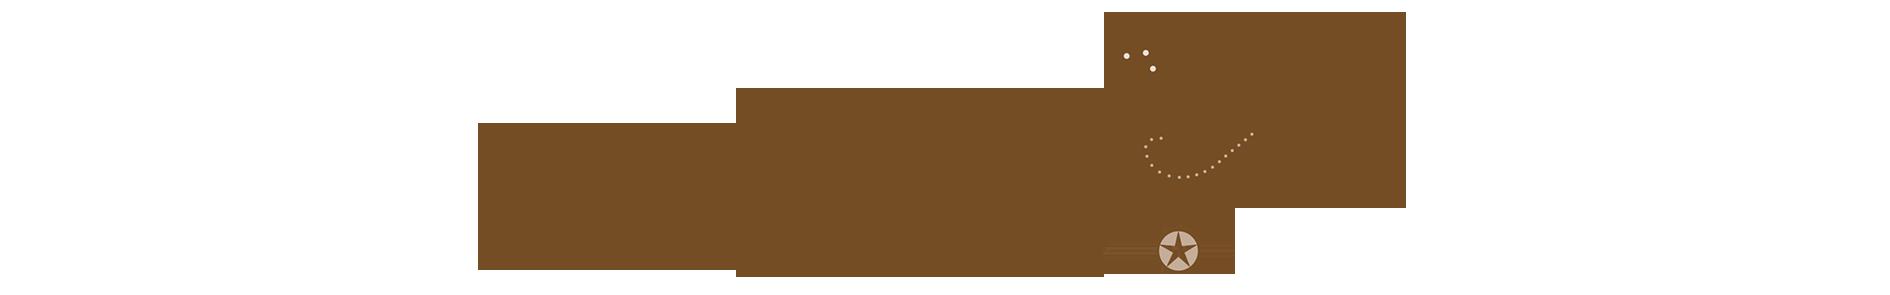 Pauline Meijer illustraties en ontwerpen © 2020